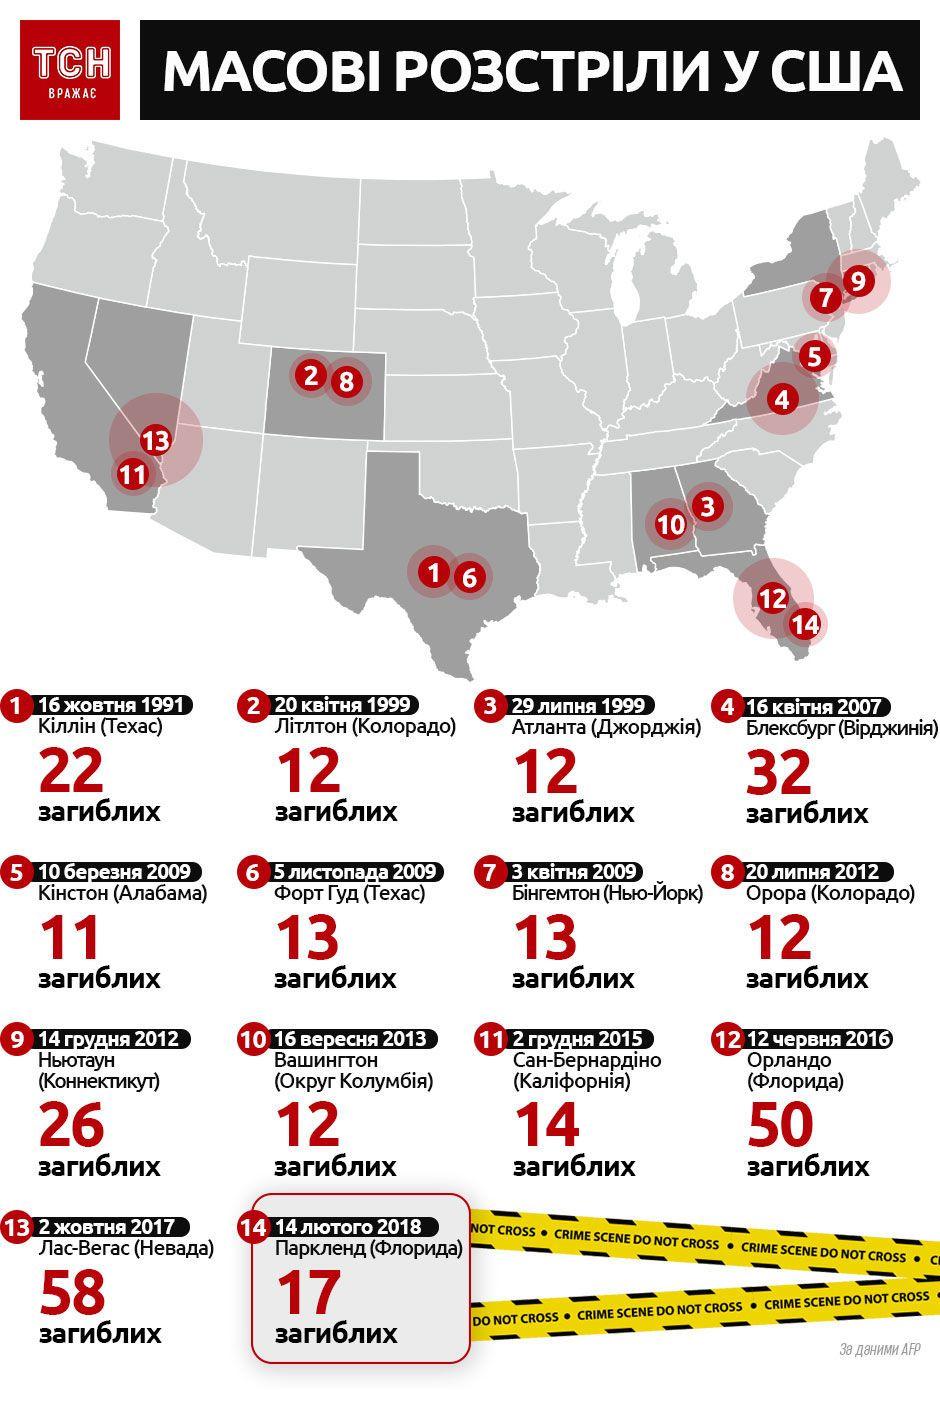 масові розтріли у США, інфографіка